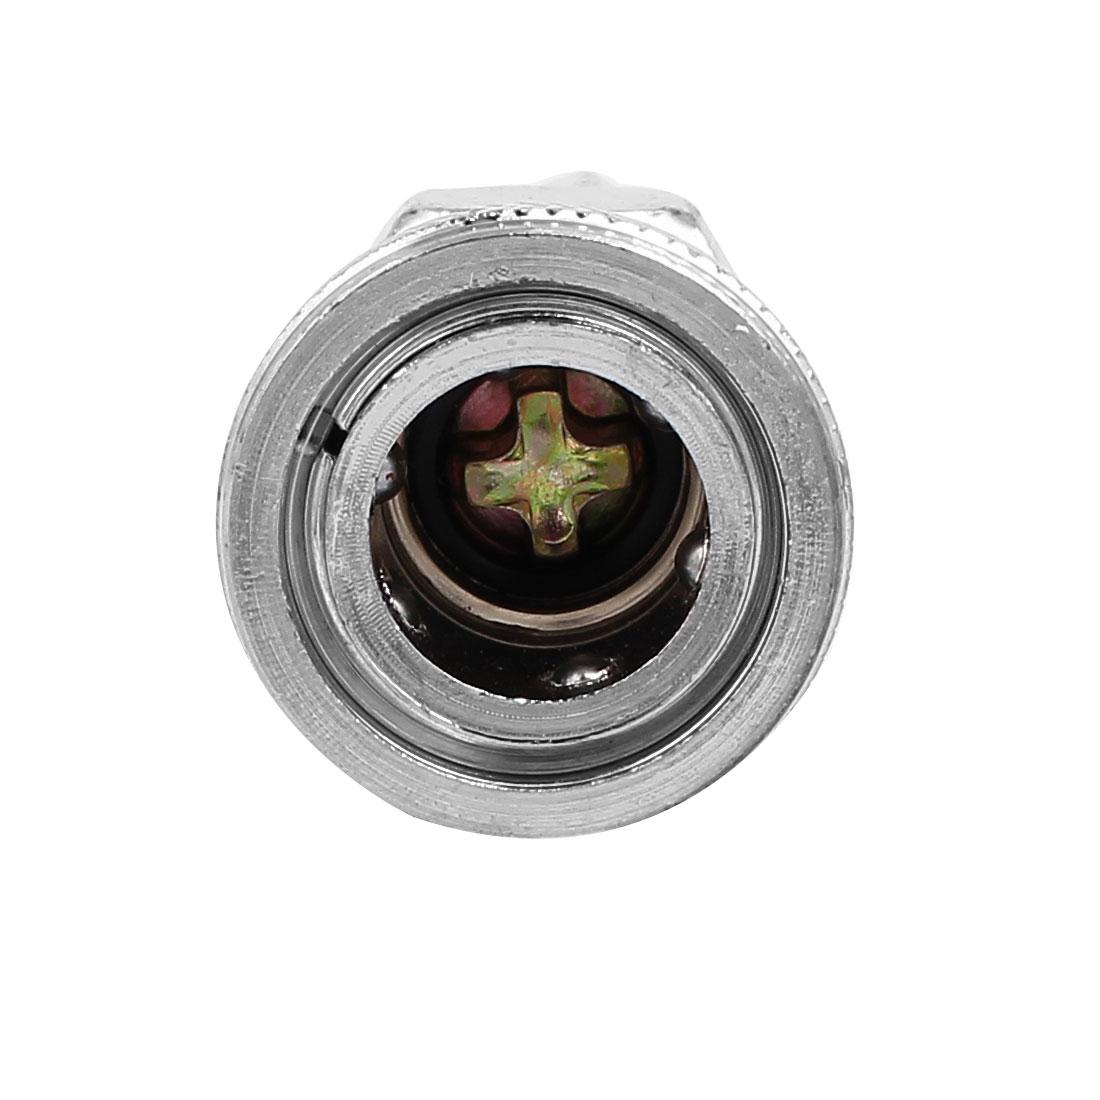 SP-30 Zingué compresseur Air 10pcs Raccord rapide tuyau 10mm Dia. ext. - image 1 de 5